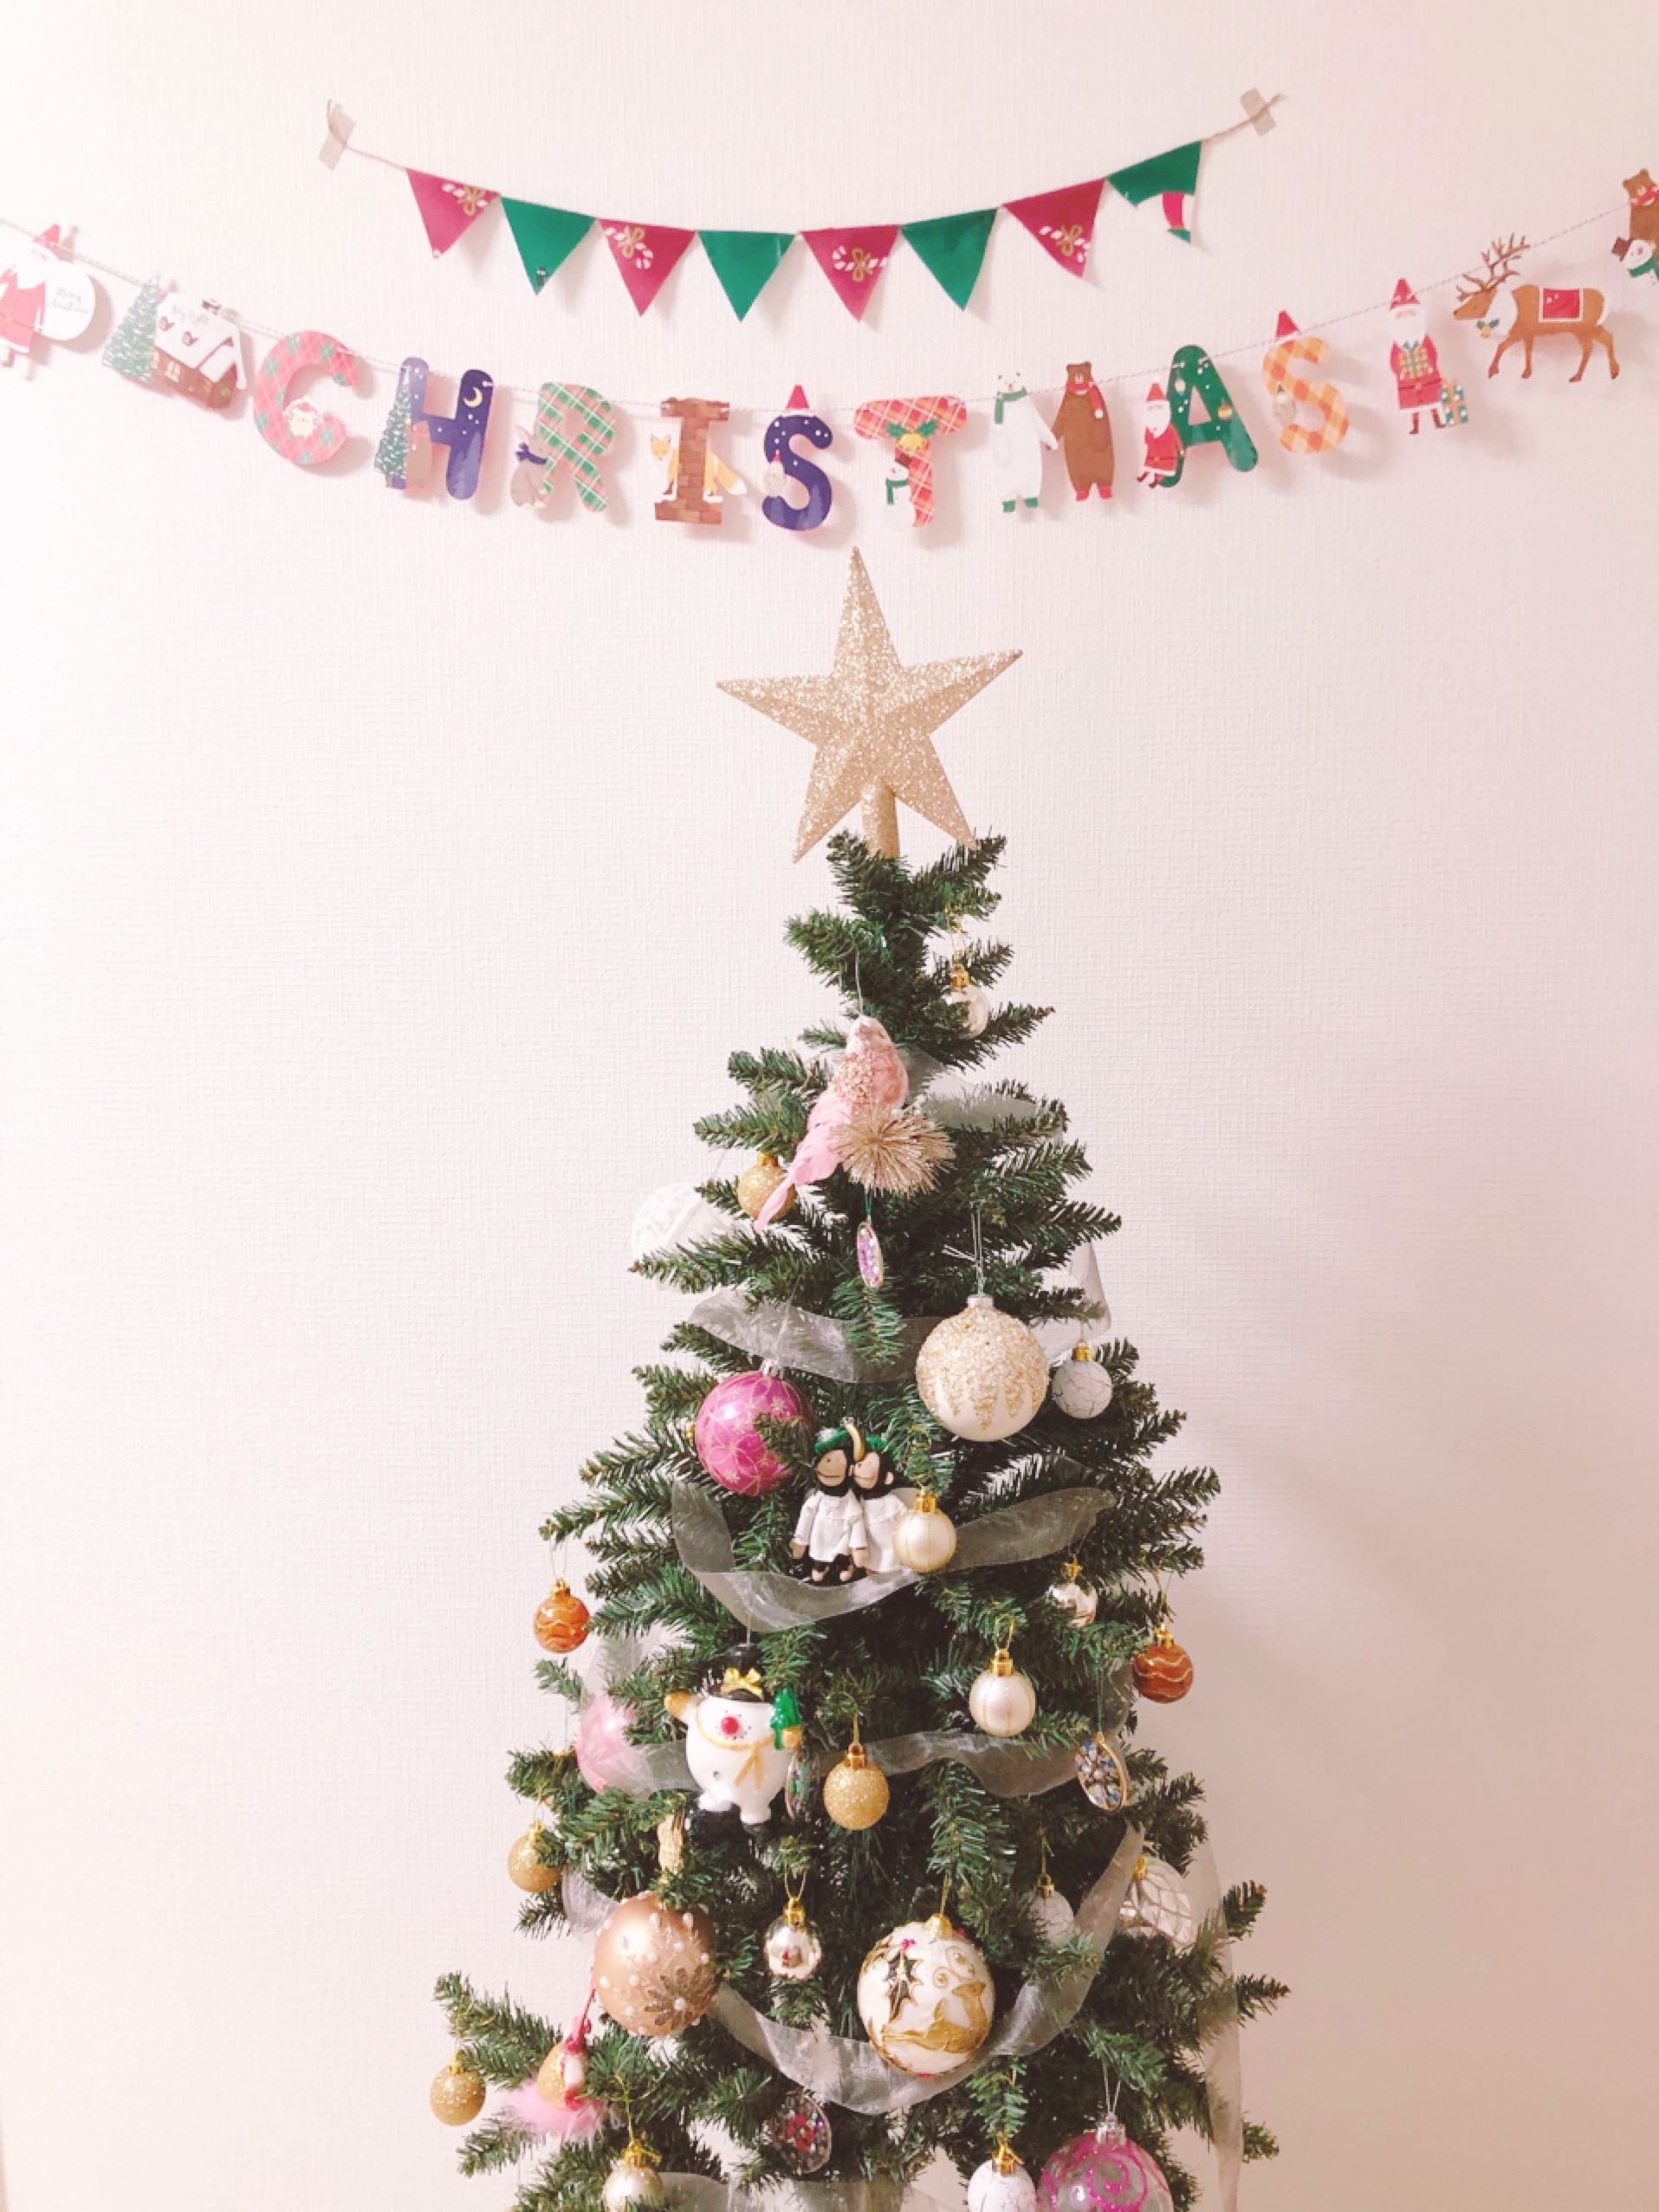 12/25まで!【ディズニークリスマス】お土産にぴったりな期間限定のスーベニアがかわいすぎる♡_7